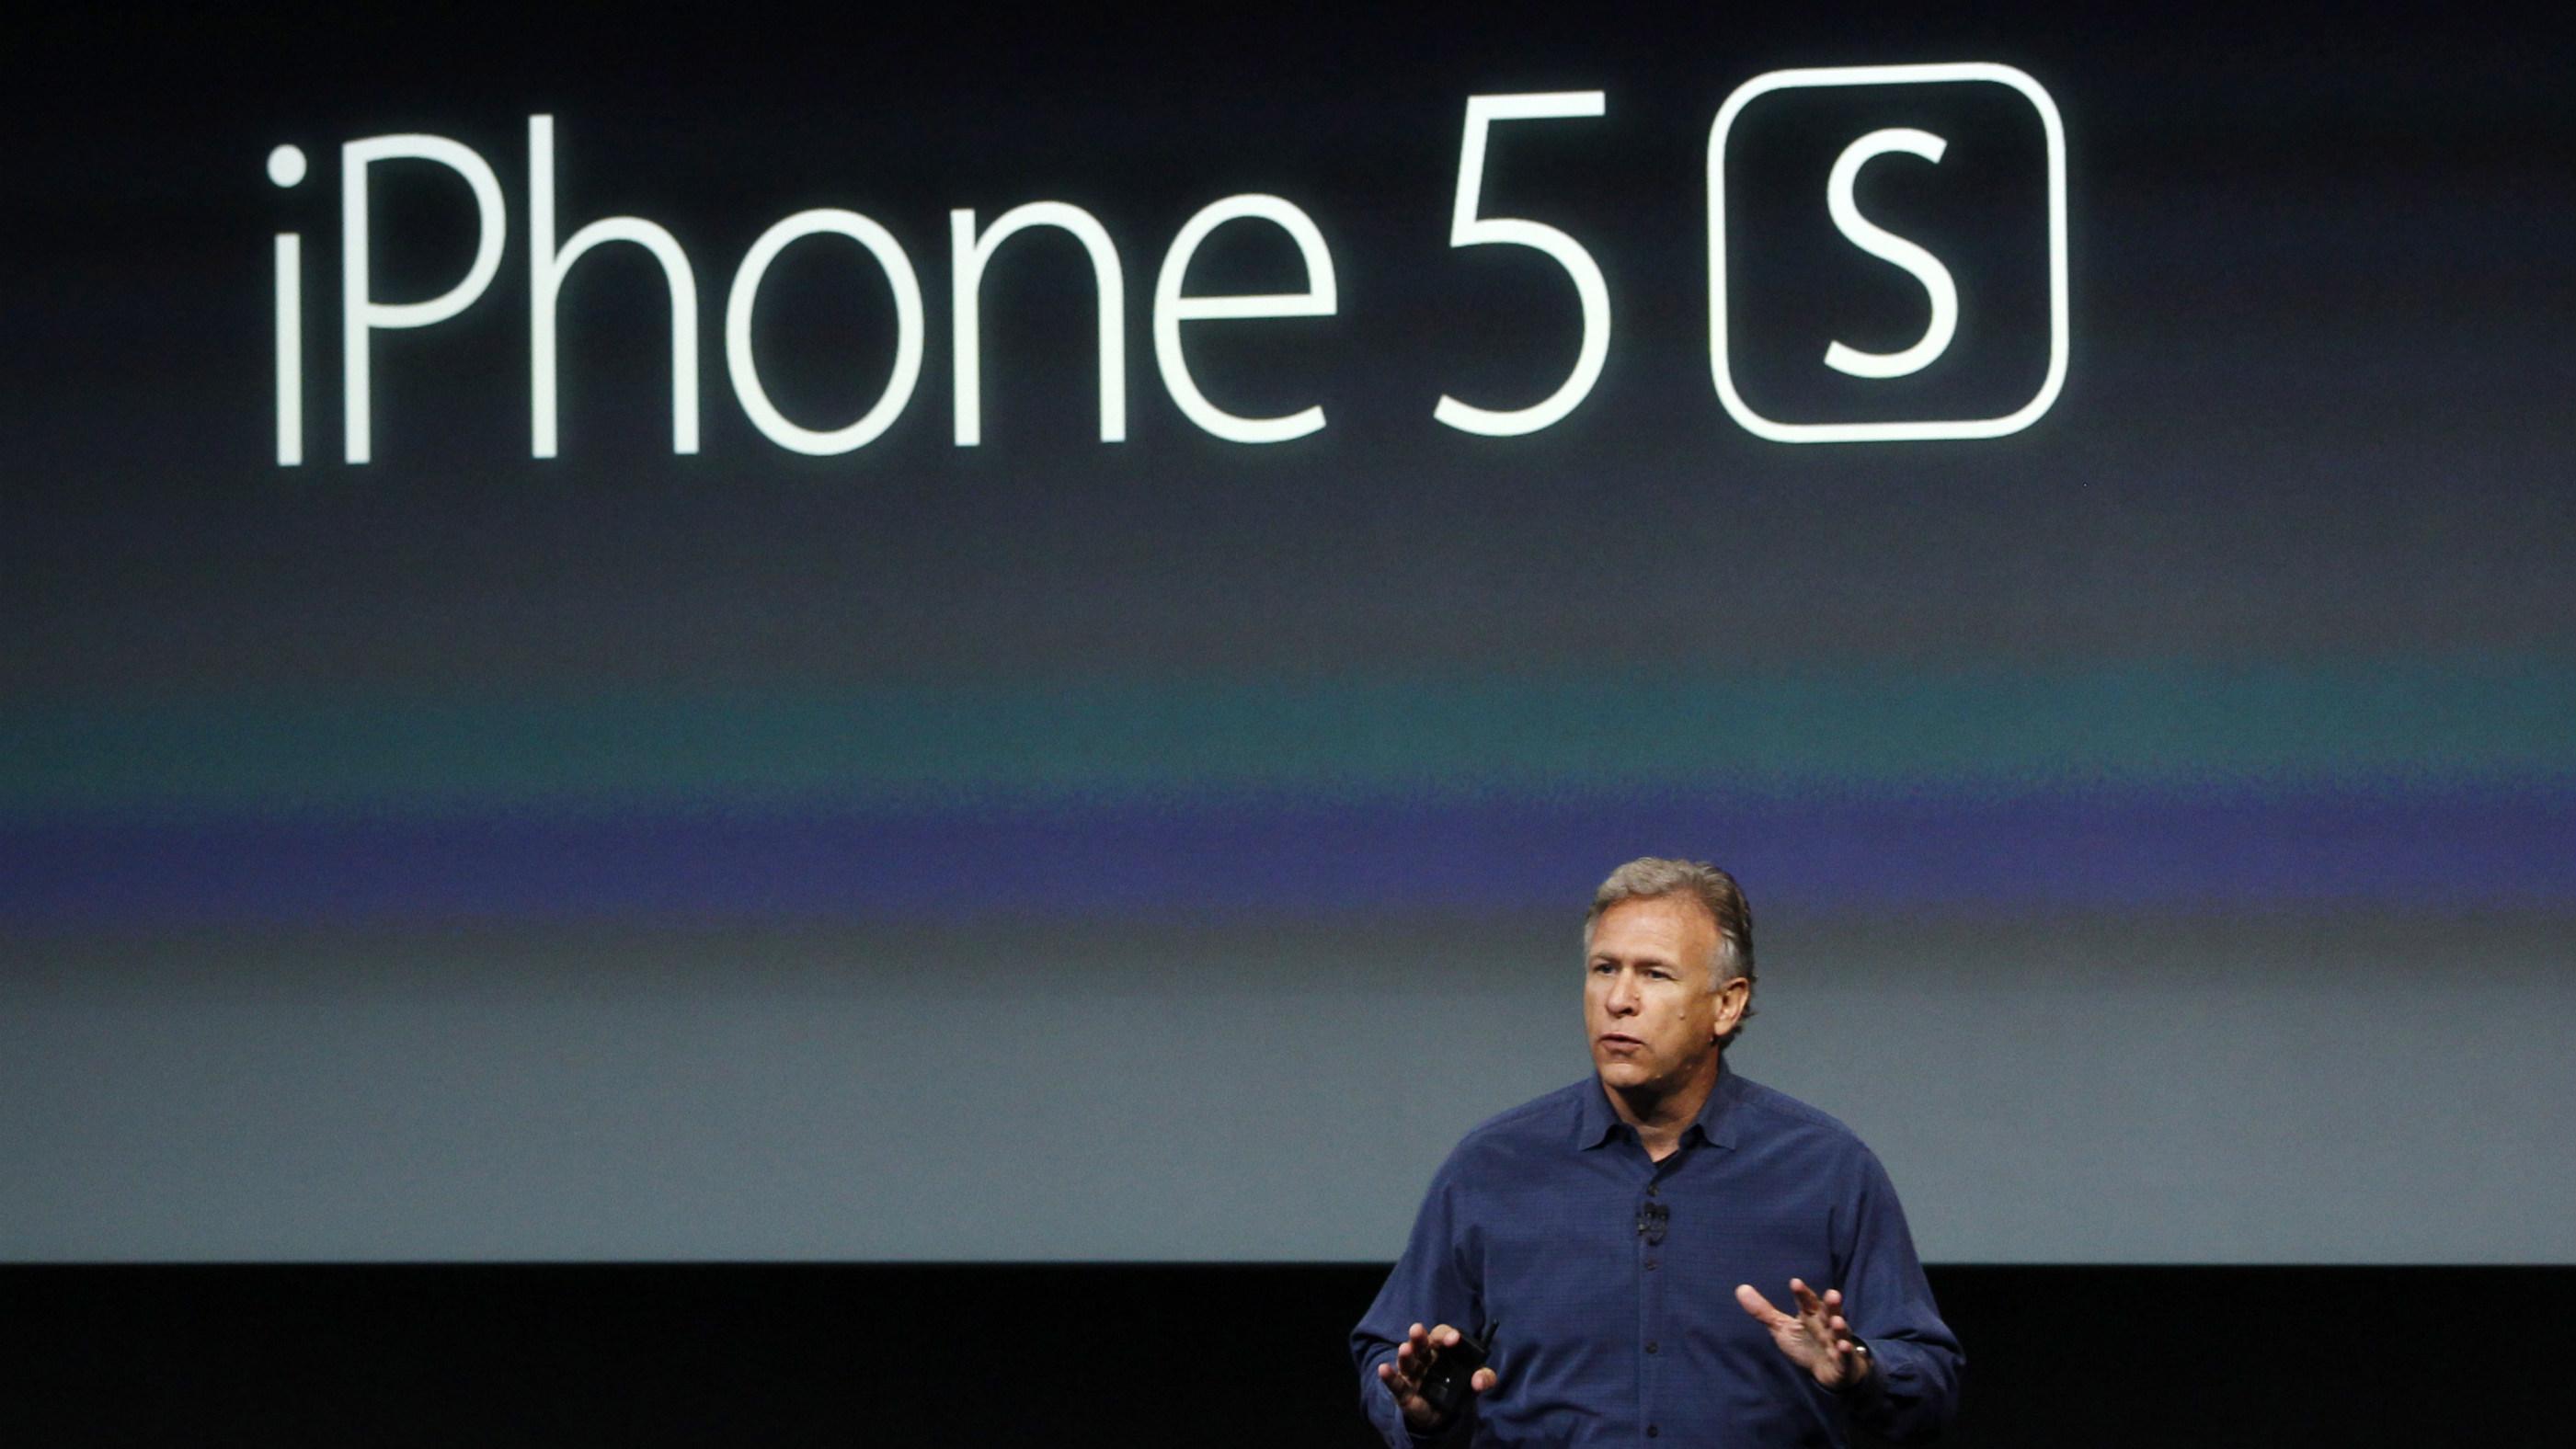 craigiphone5s